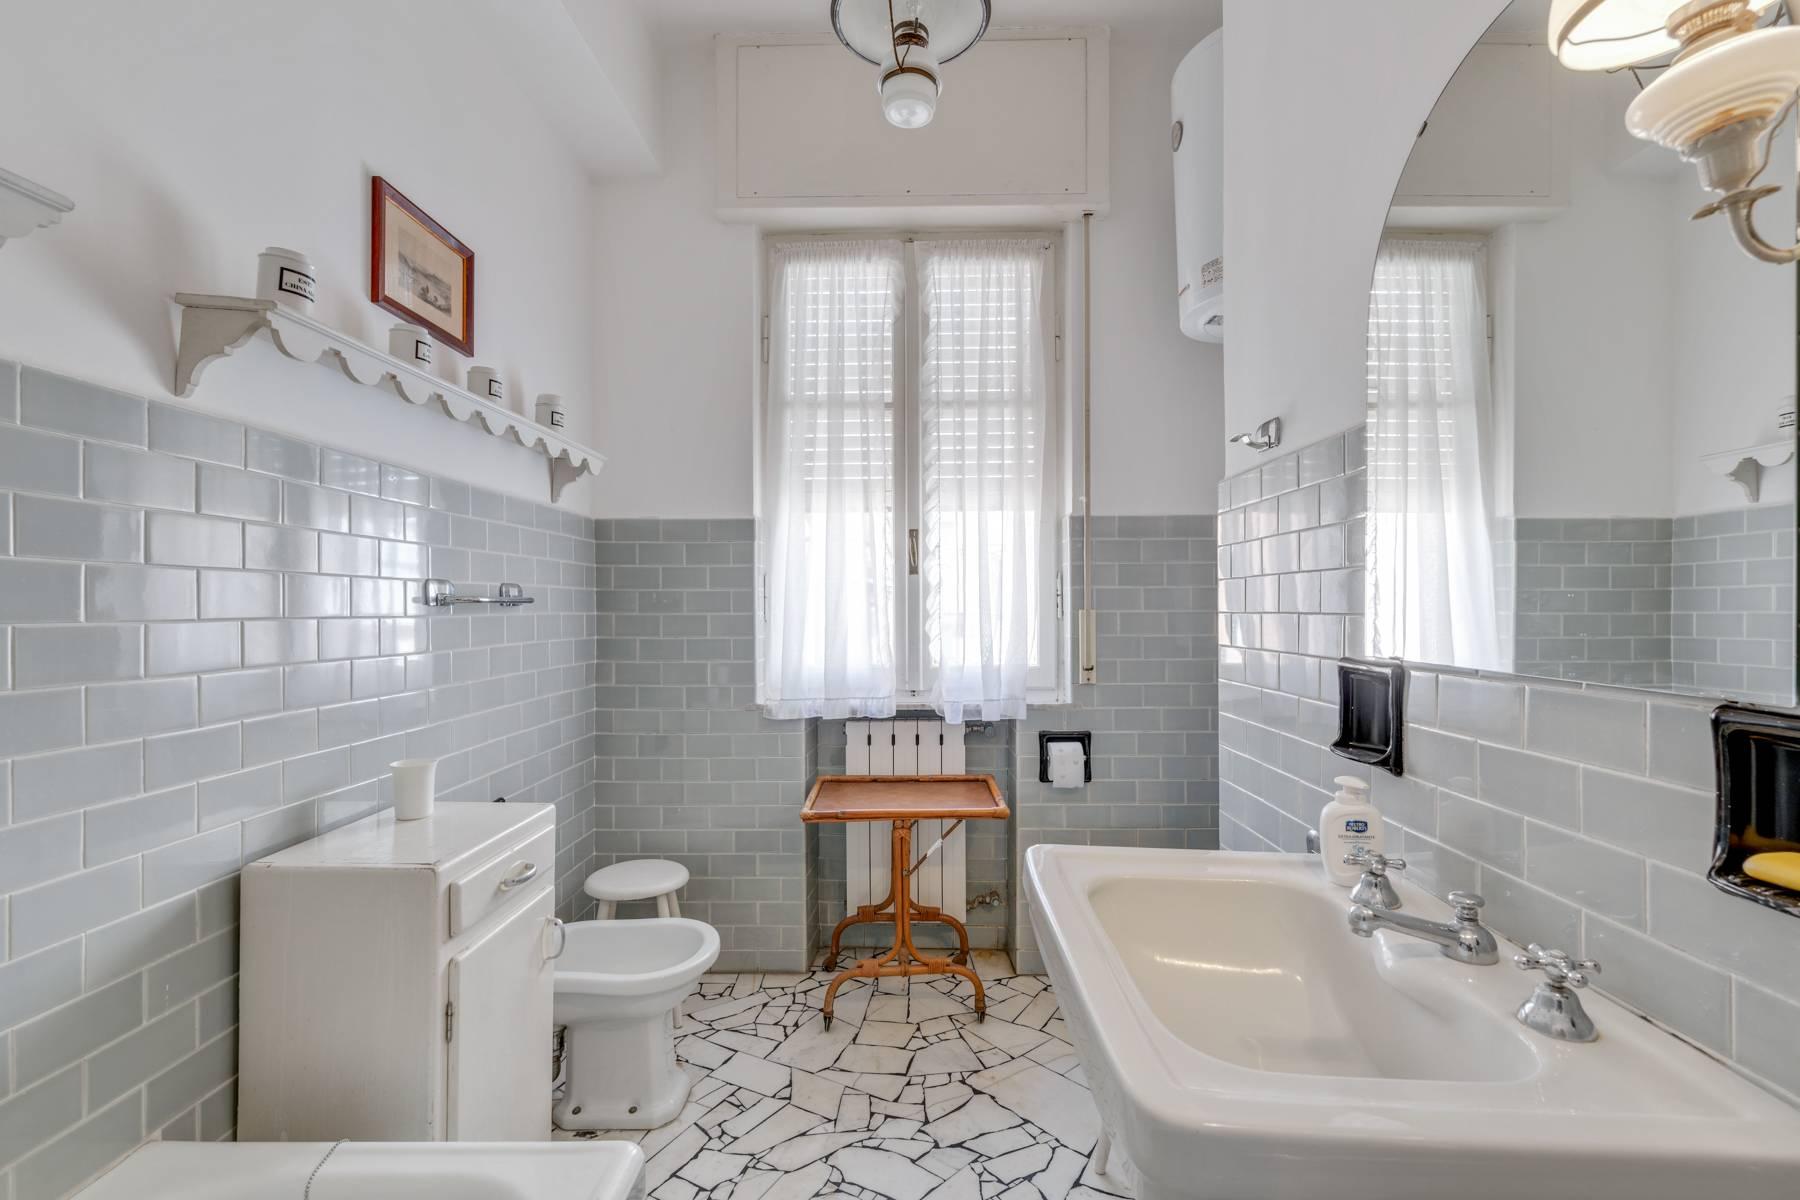 Appartamento in Vendita a Alassio: 5 locali, 177 mq - Foto 11